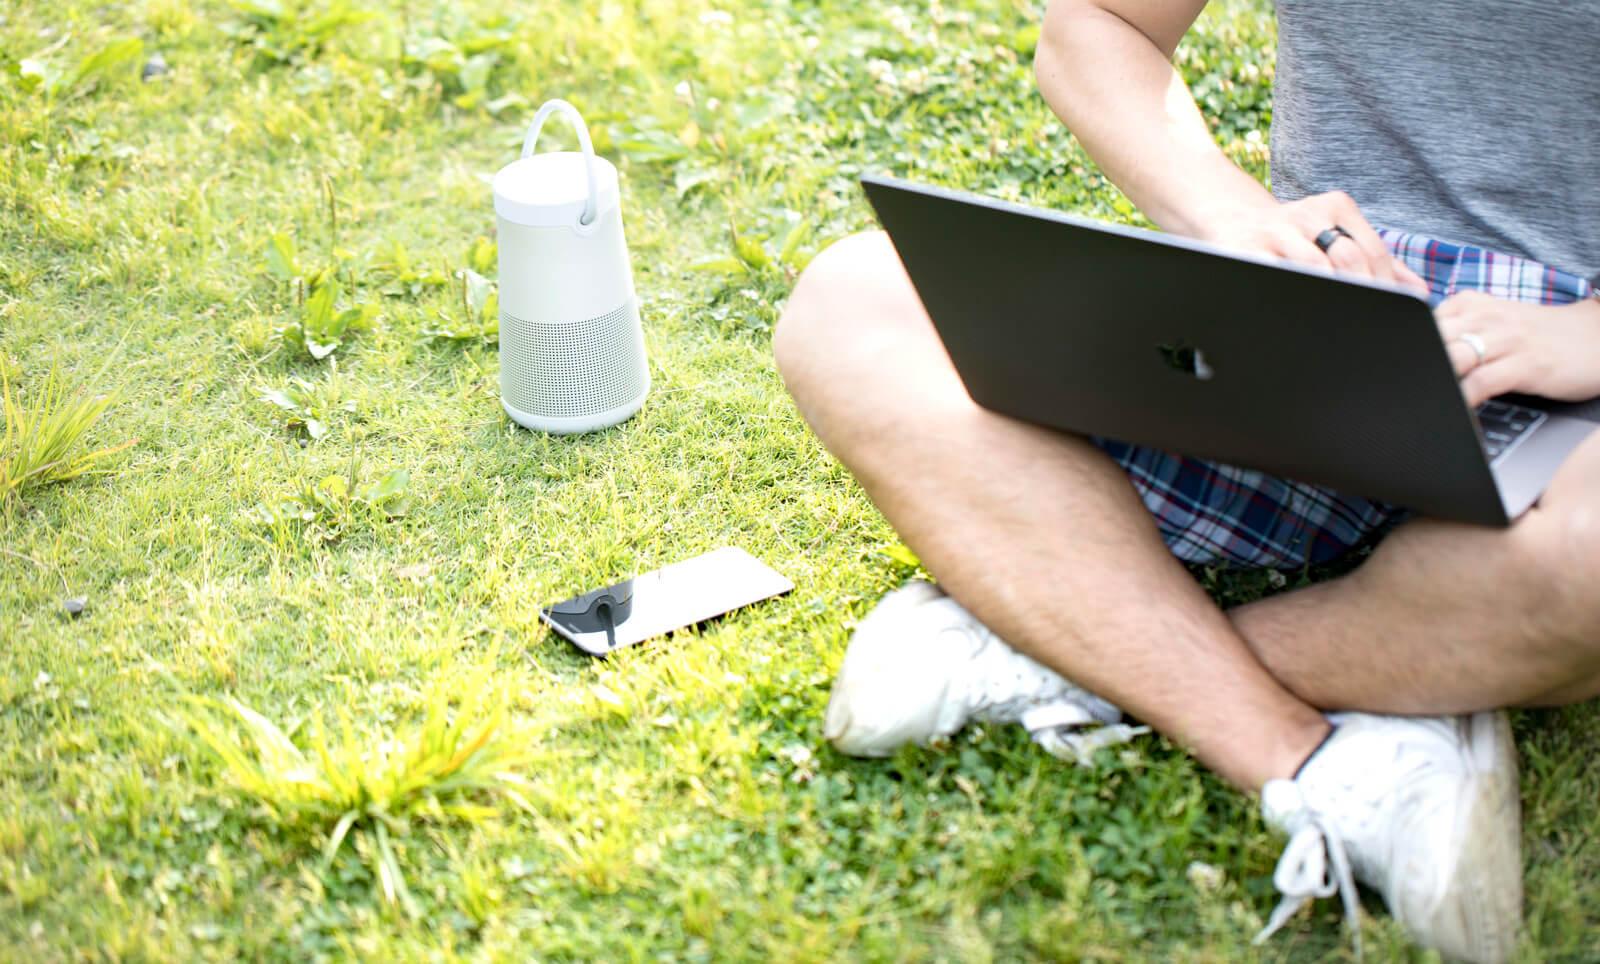 notePCとスマートスピーカーをテザリングでネット接続